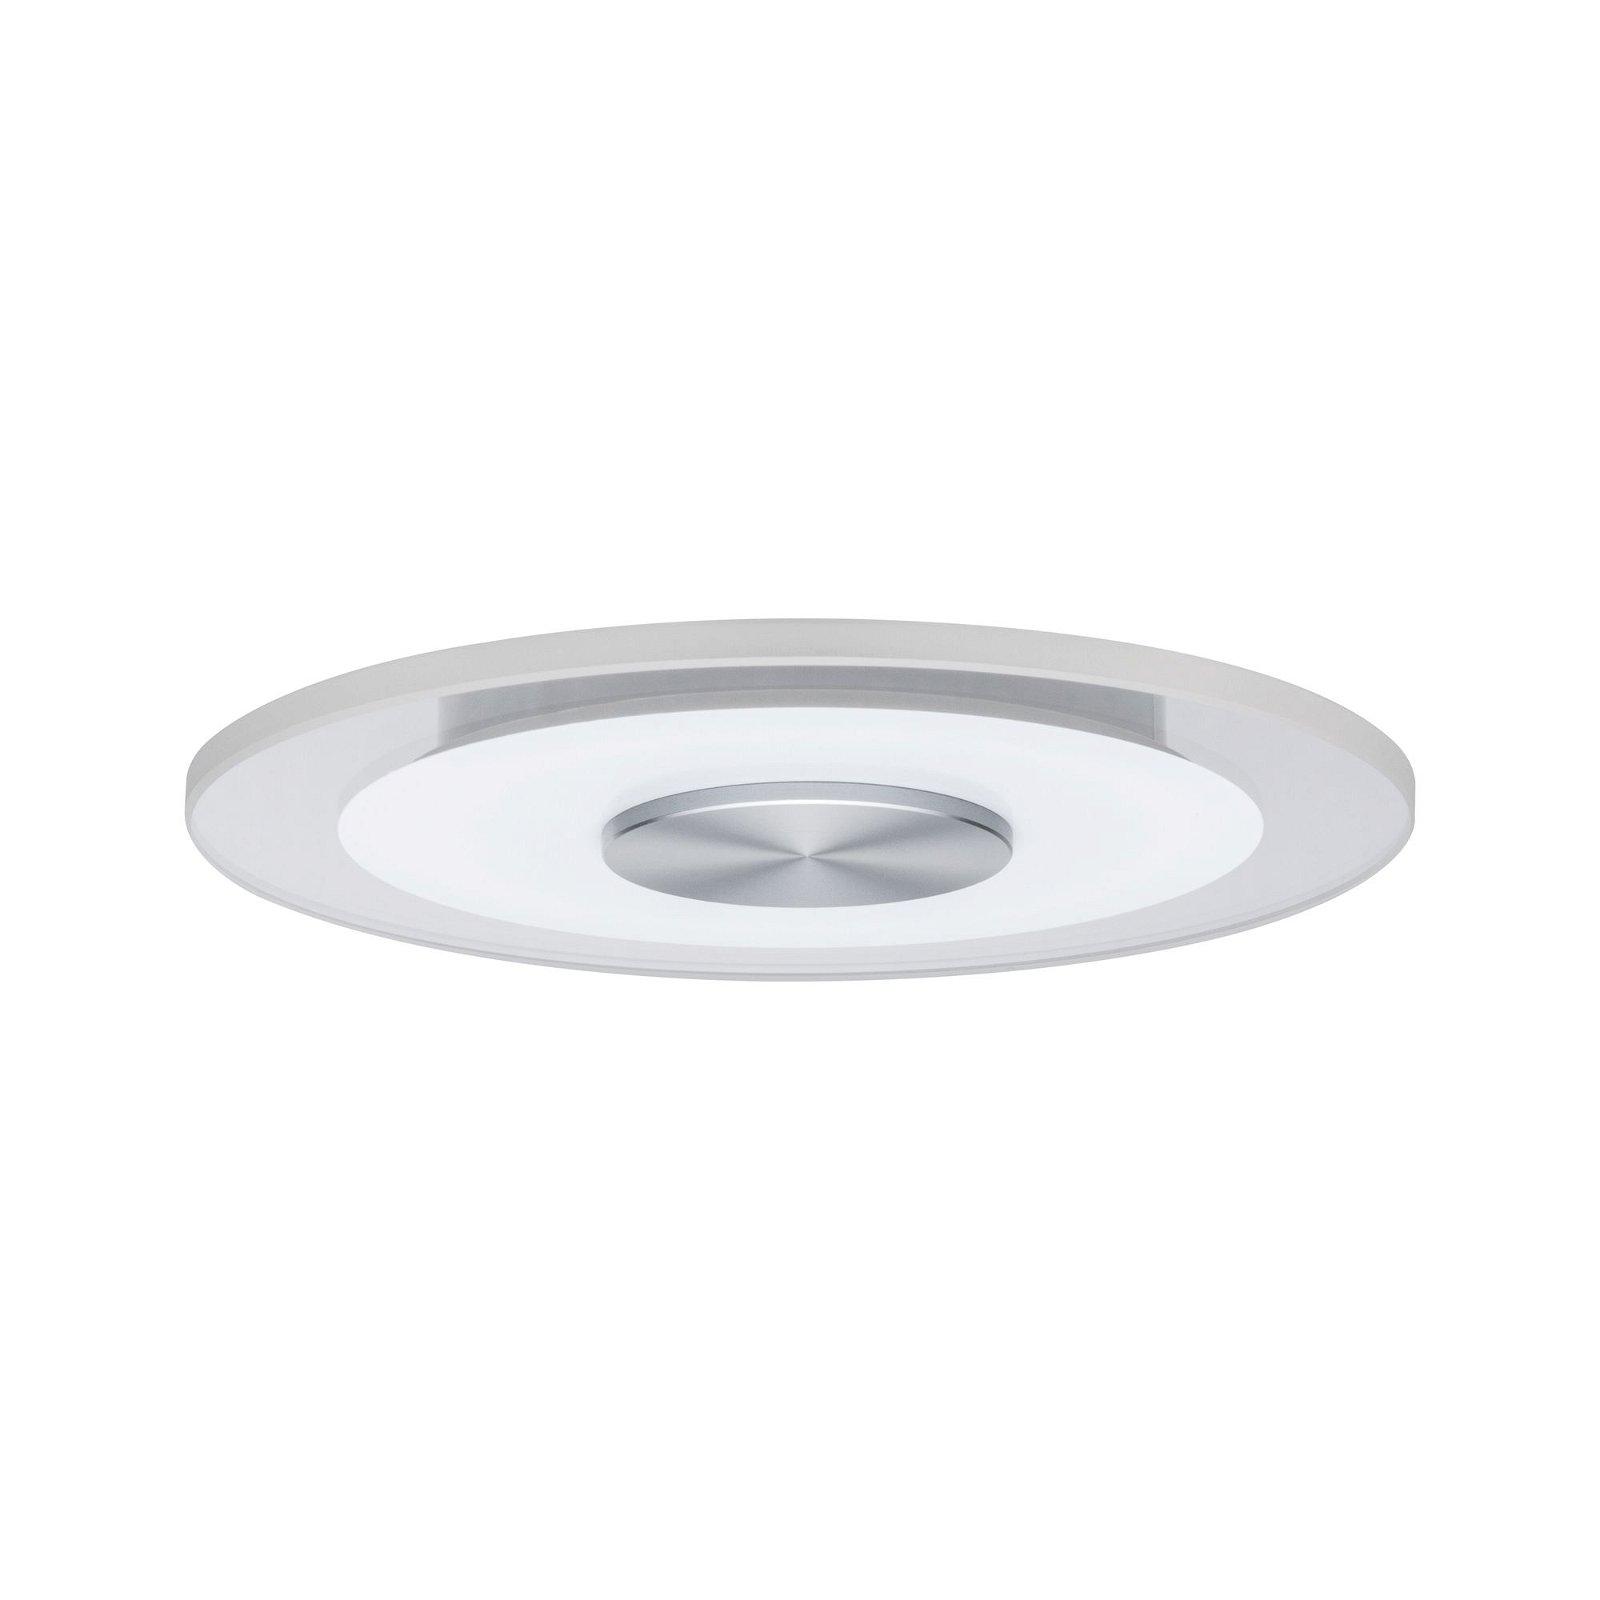 Premium LED Einbauleuchte Whirl Basisset rund 120mm 3x5,5W 3x460lm 230V 3000K Alu gedreht/Satin